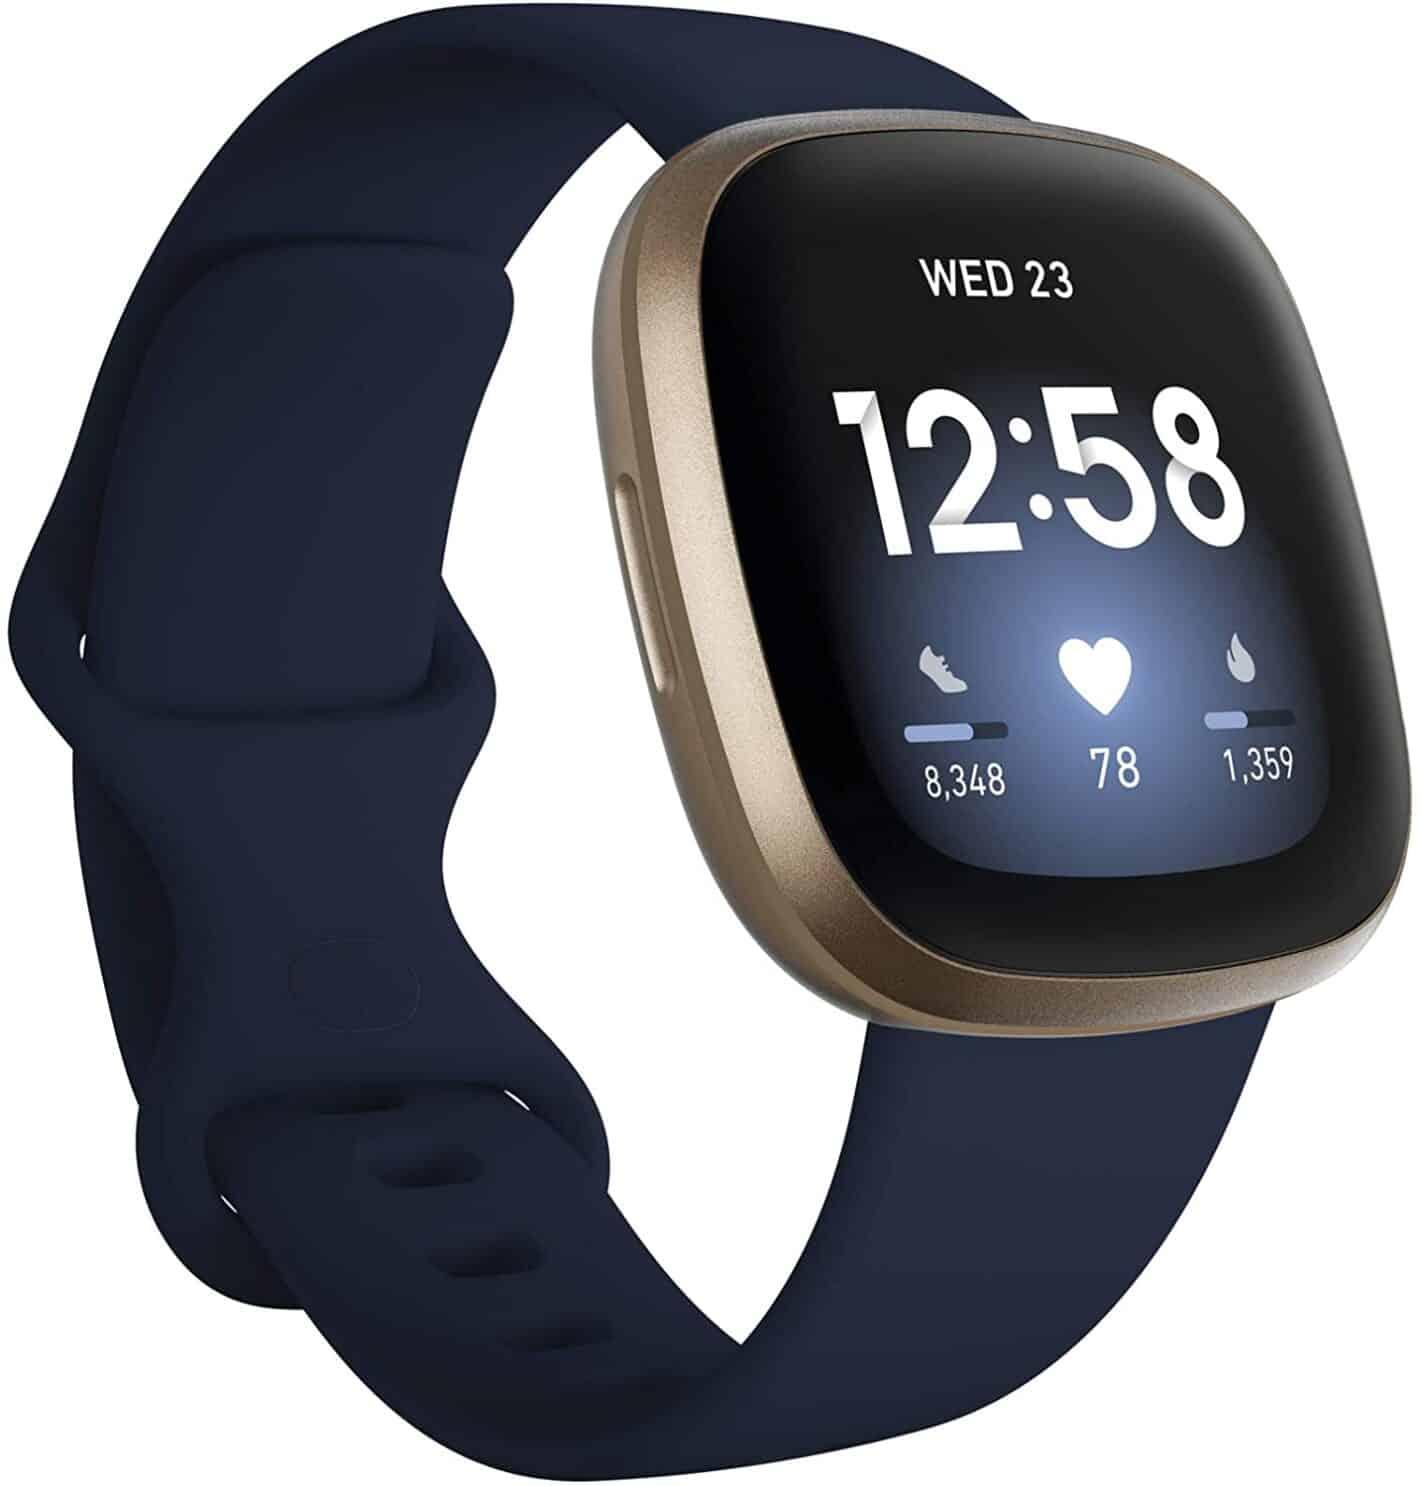 7. Đồng hồ thông minh theo dõi sức khỏe tốt nhất phù hợp với Pixel 5